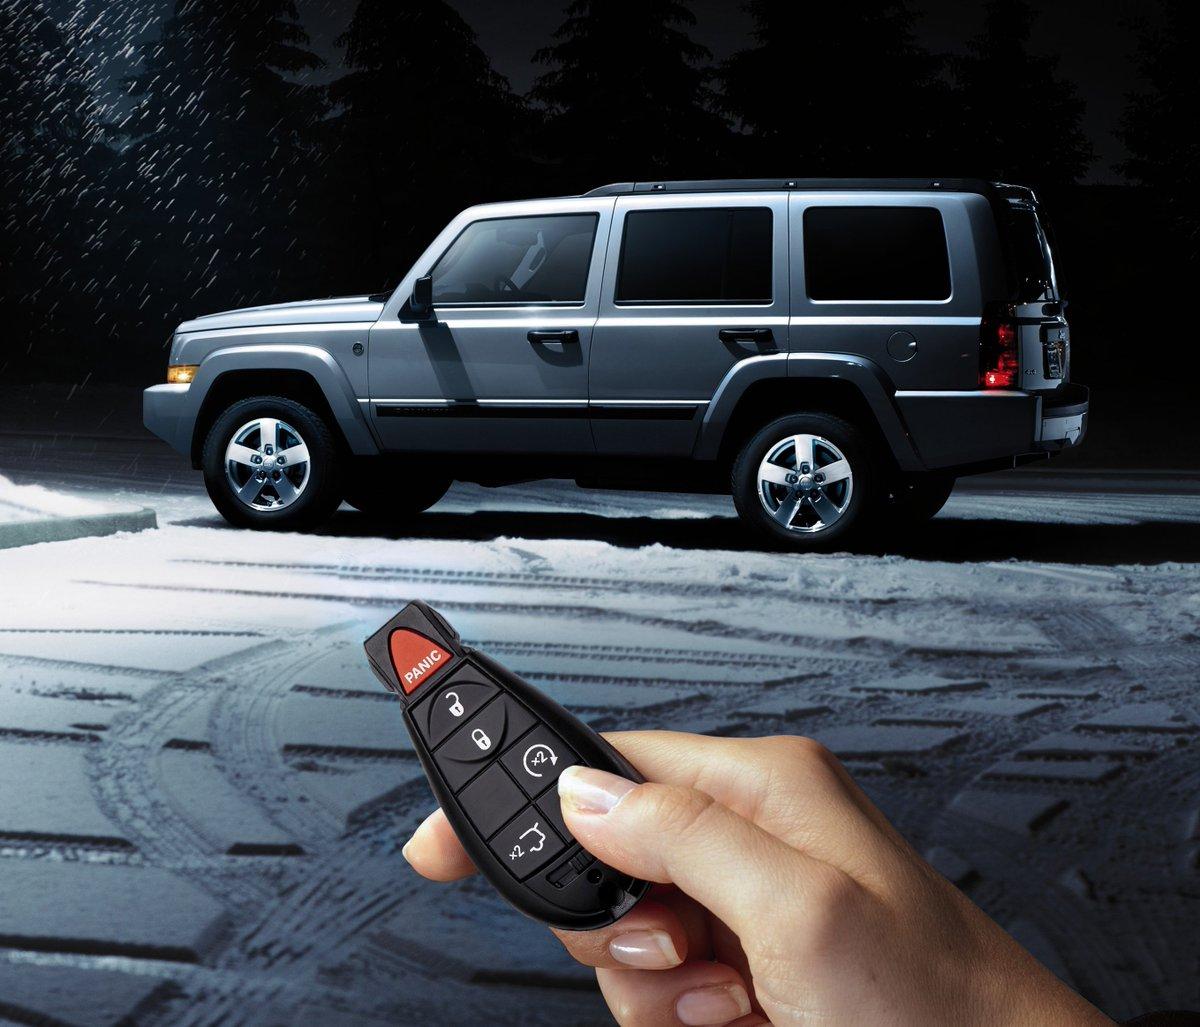 Su Ebay ricambi auto (pneumatici, olii e lubrificanti, luci, frecce, telecomando, allarmi)